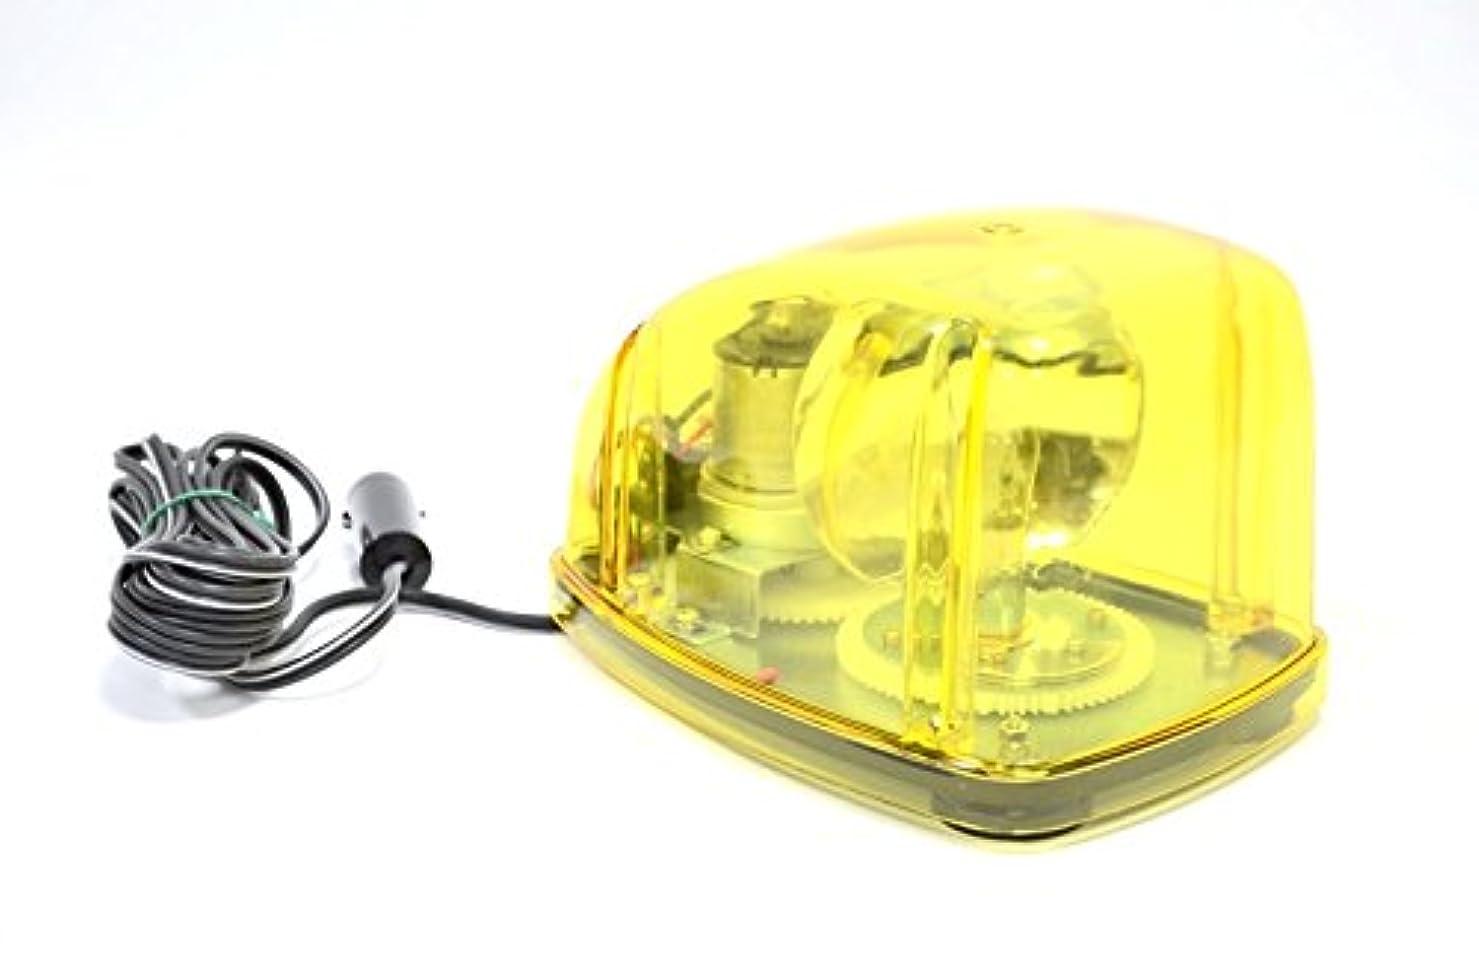 癒すプレビスサイト有利SYS ( エスワイエス ) 回転灯 マグネット式 24V35W 黄 【呼称 SY8-24】 000840